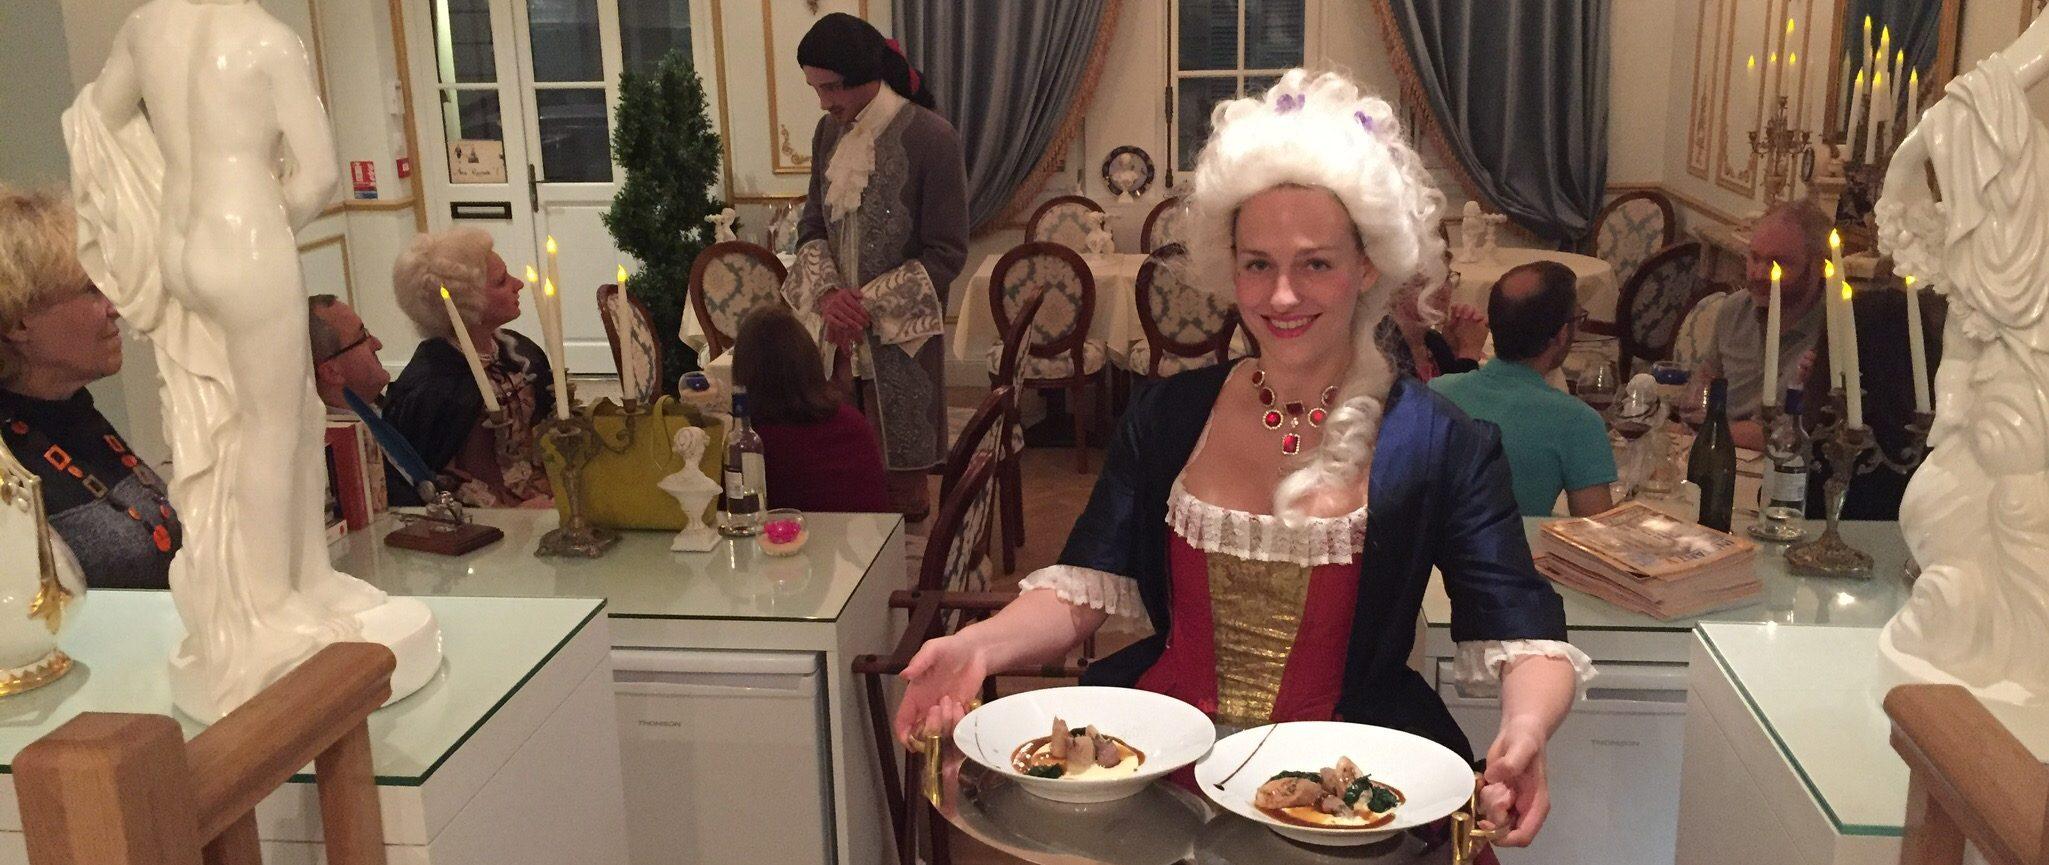 Réservation d'un Dîner Spectacle dans notre Cabaret Baroque - Service au plateau